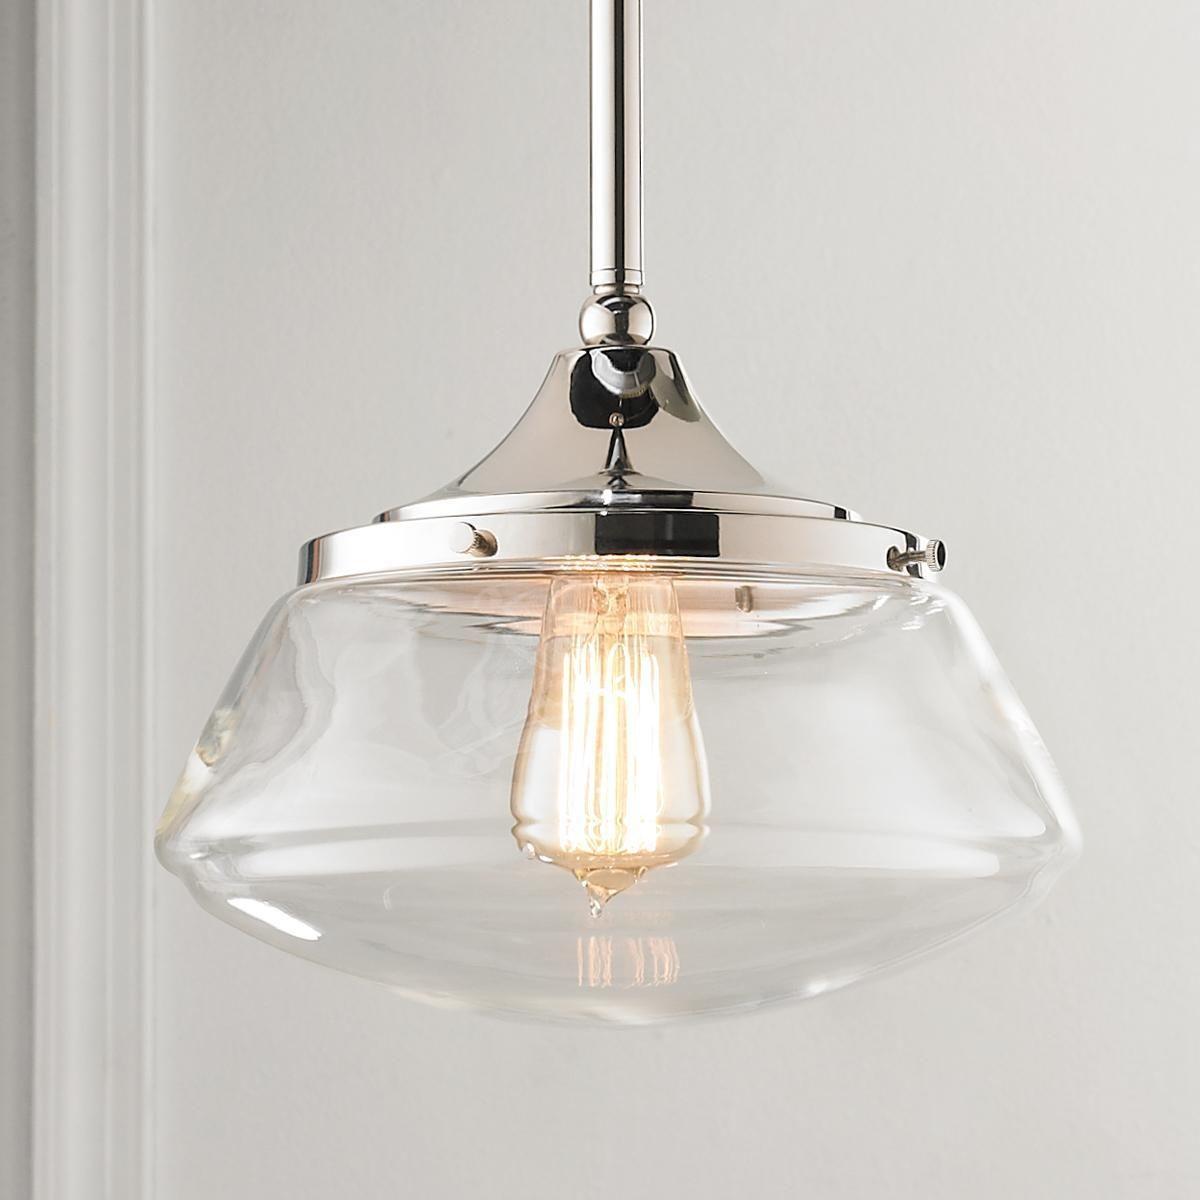 modern diner pendant light kitchen family room ideas kitchen pendant lighting kitchen. Black Bedroom Furniture Sets. Home Design Ideas